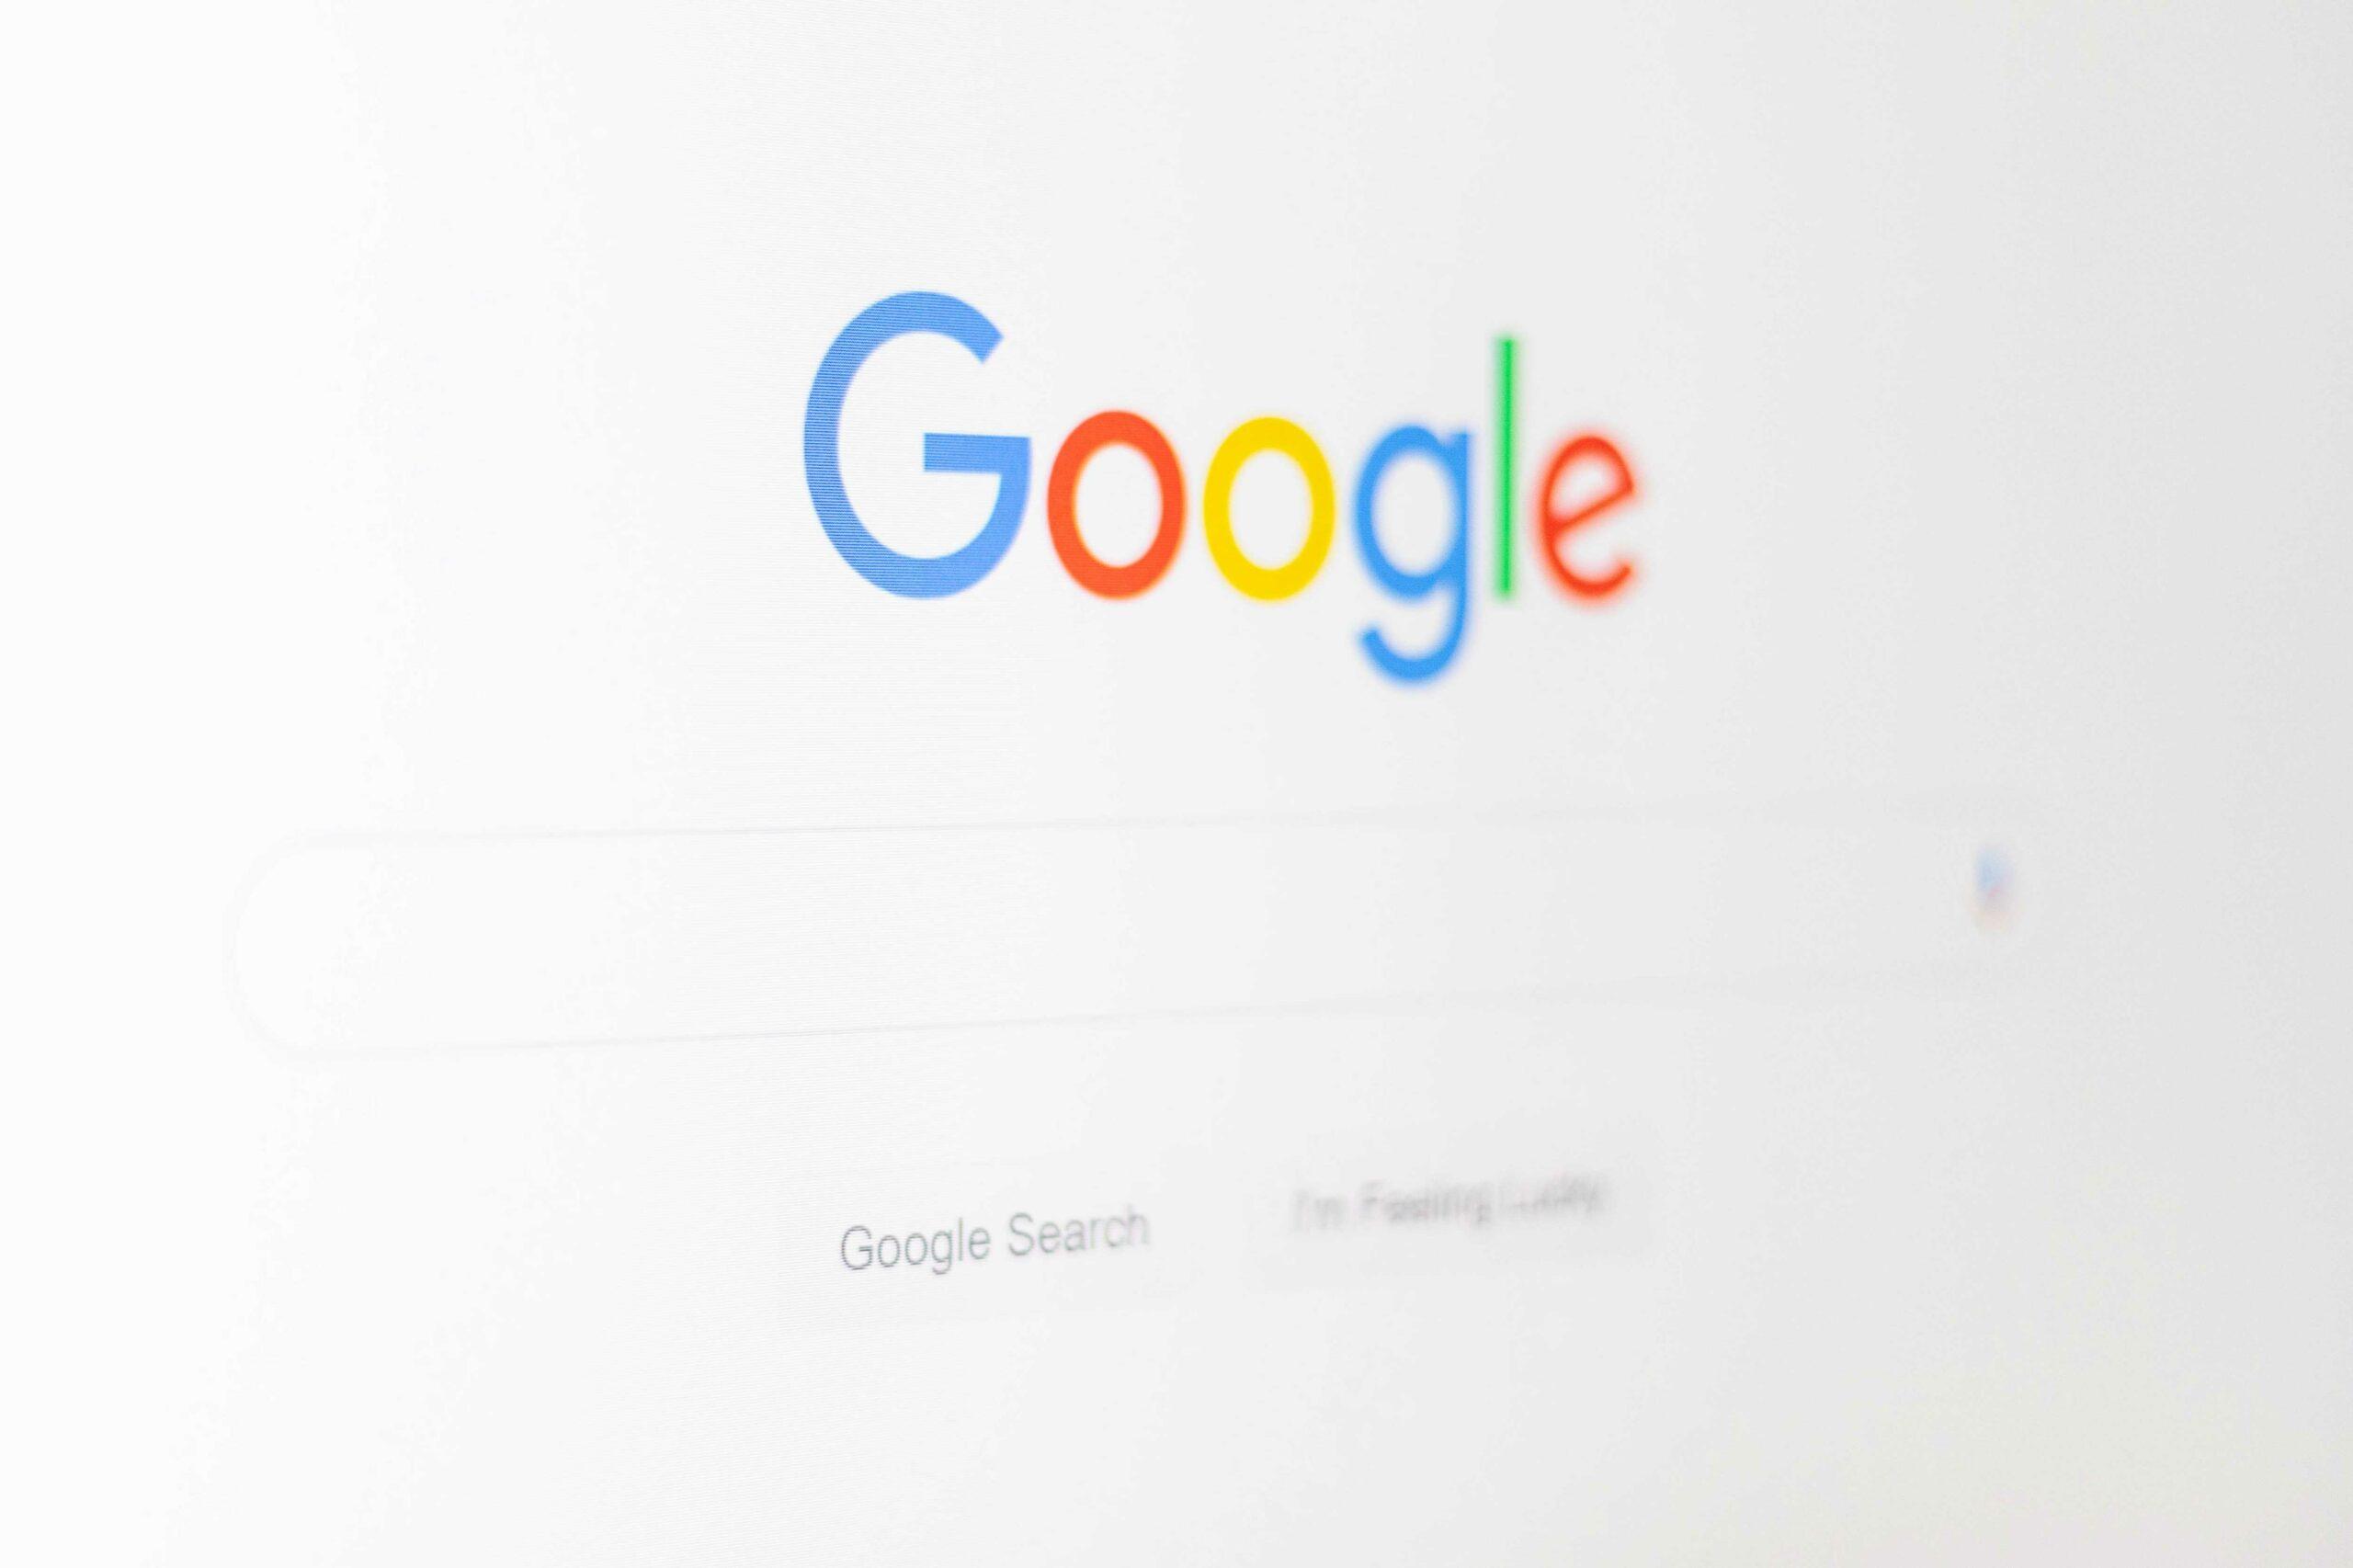 Google SEO-Optimierung mit Videos URBAN & UNCUT Studios (Suchmaschinenoptimierung). Noch nie davon gehört? Dann bist du bei URBAN & UNCUT genau richtig. Wir erklären dir was SEO-Optimierung überhaupt ist, wie es funktioniert und warum es aus der digitalen Welt und bei Websites nicht mehr wegzudenken ist. Wenn du wissen willst wie du dich durch SEO-Optimierung besser im Internet platzieren kannst, dann bleib dran.